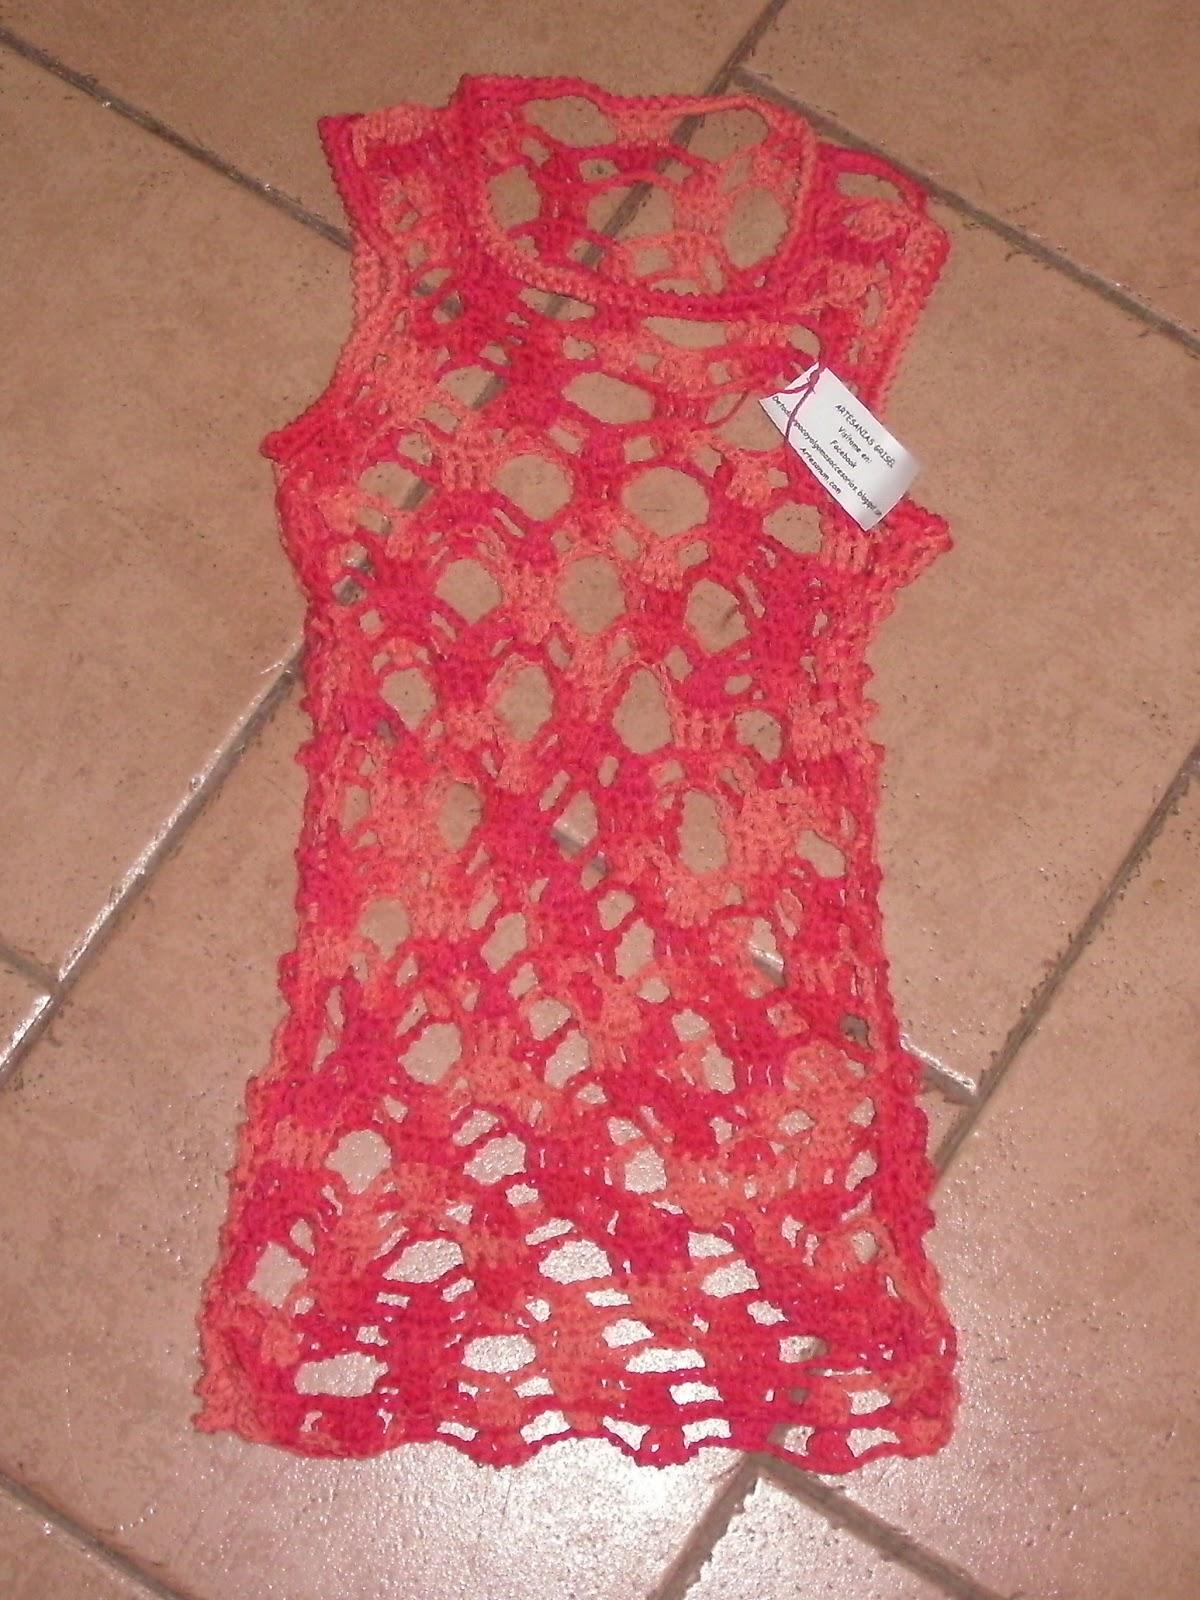 Blusas Tejidas Mano Ropa Bolsas Calzado Para Mujer Pelautscom Picture